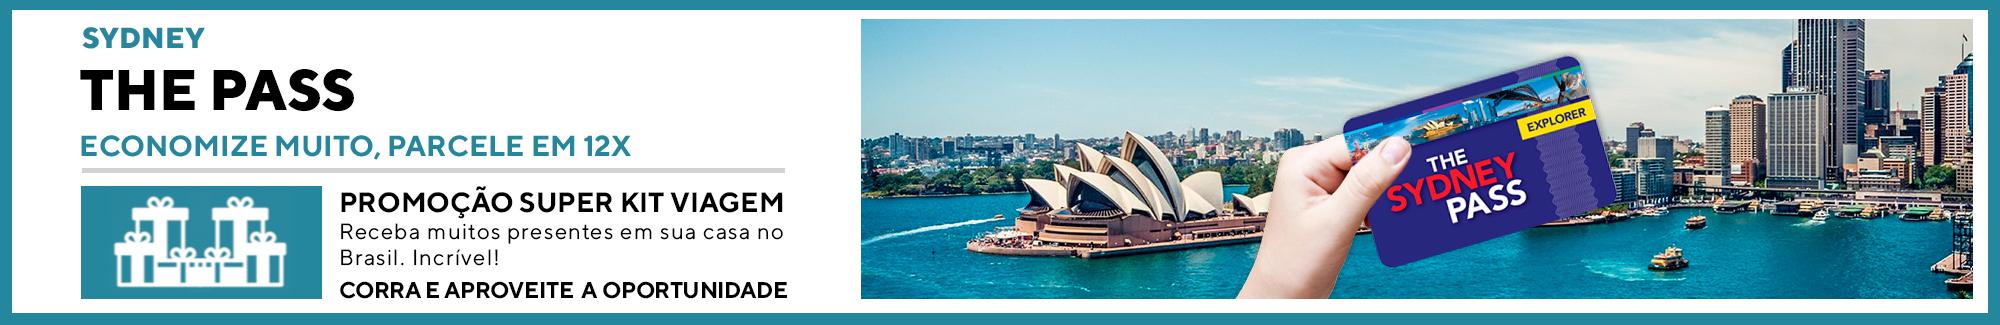 the pass Sydney